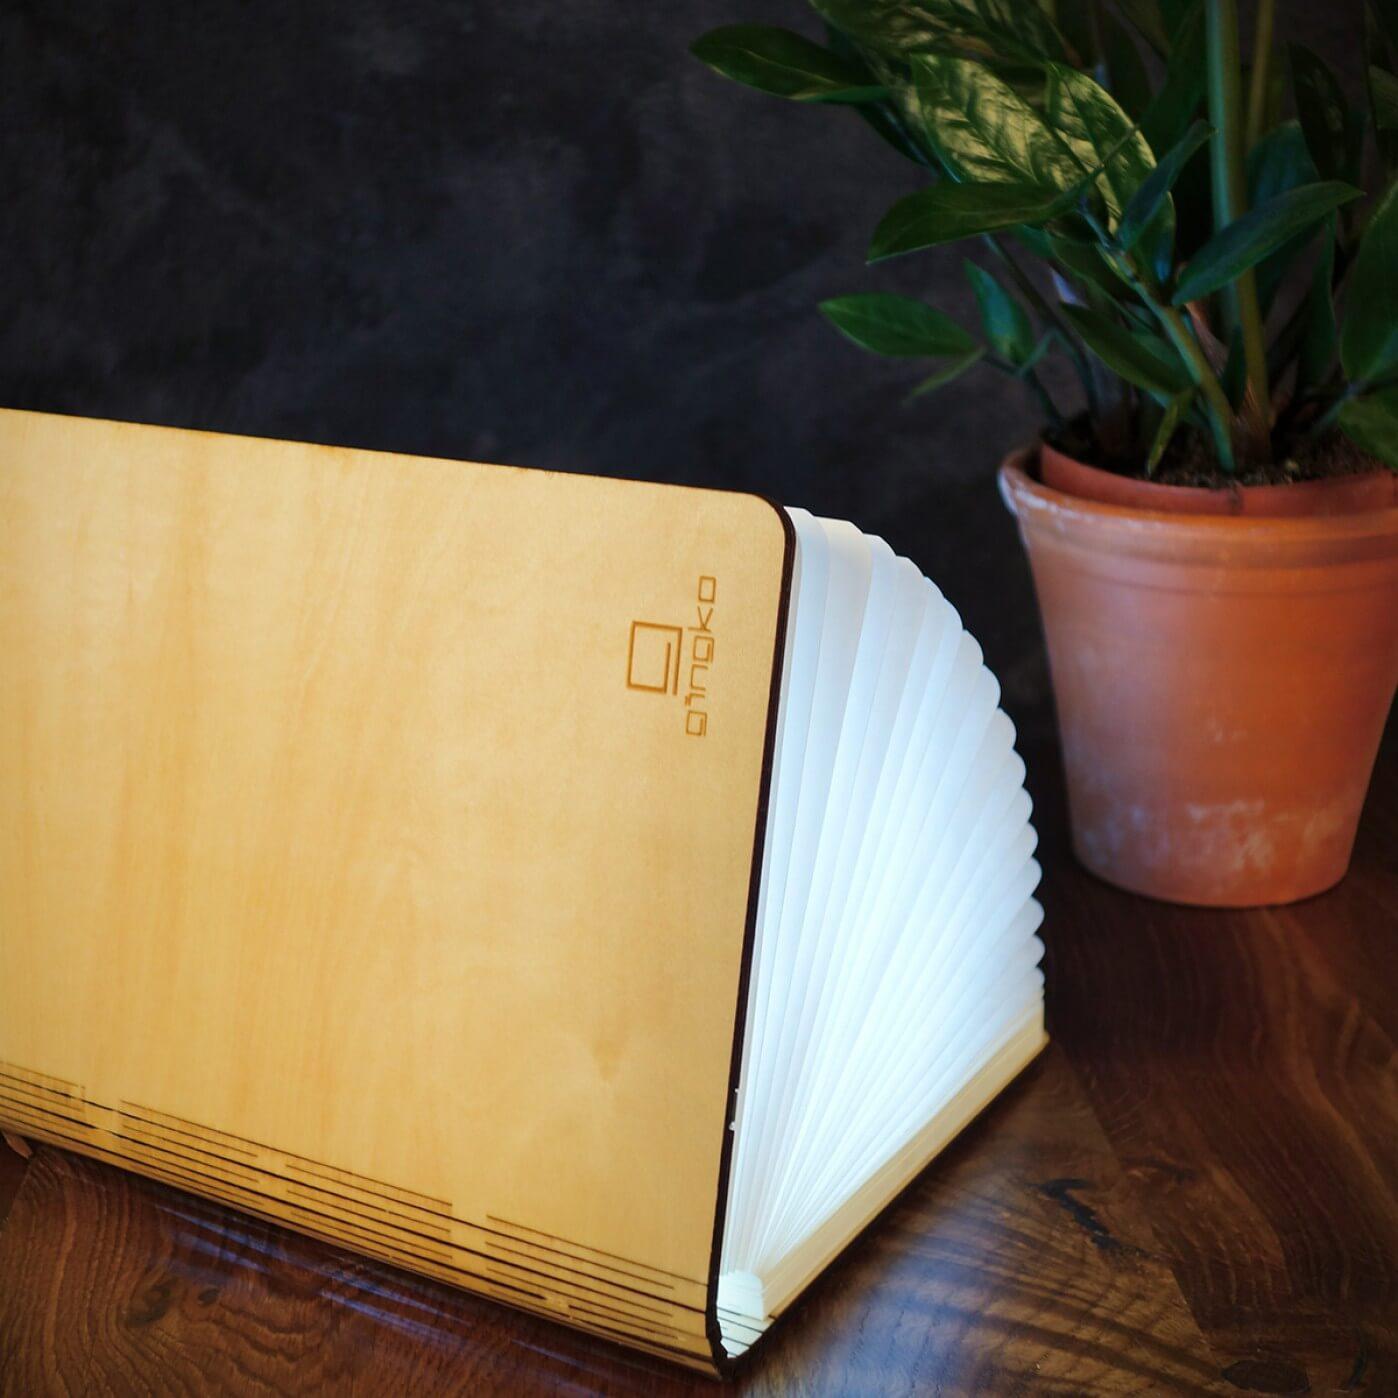 Large Smart Light Book Maple SALE 25% (£59.95)